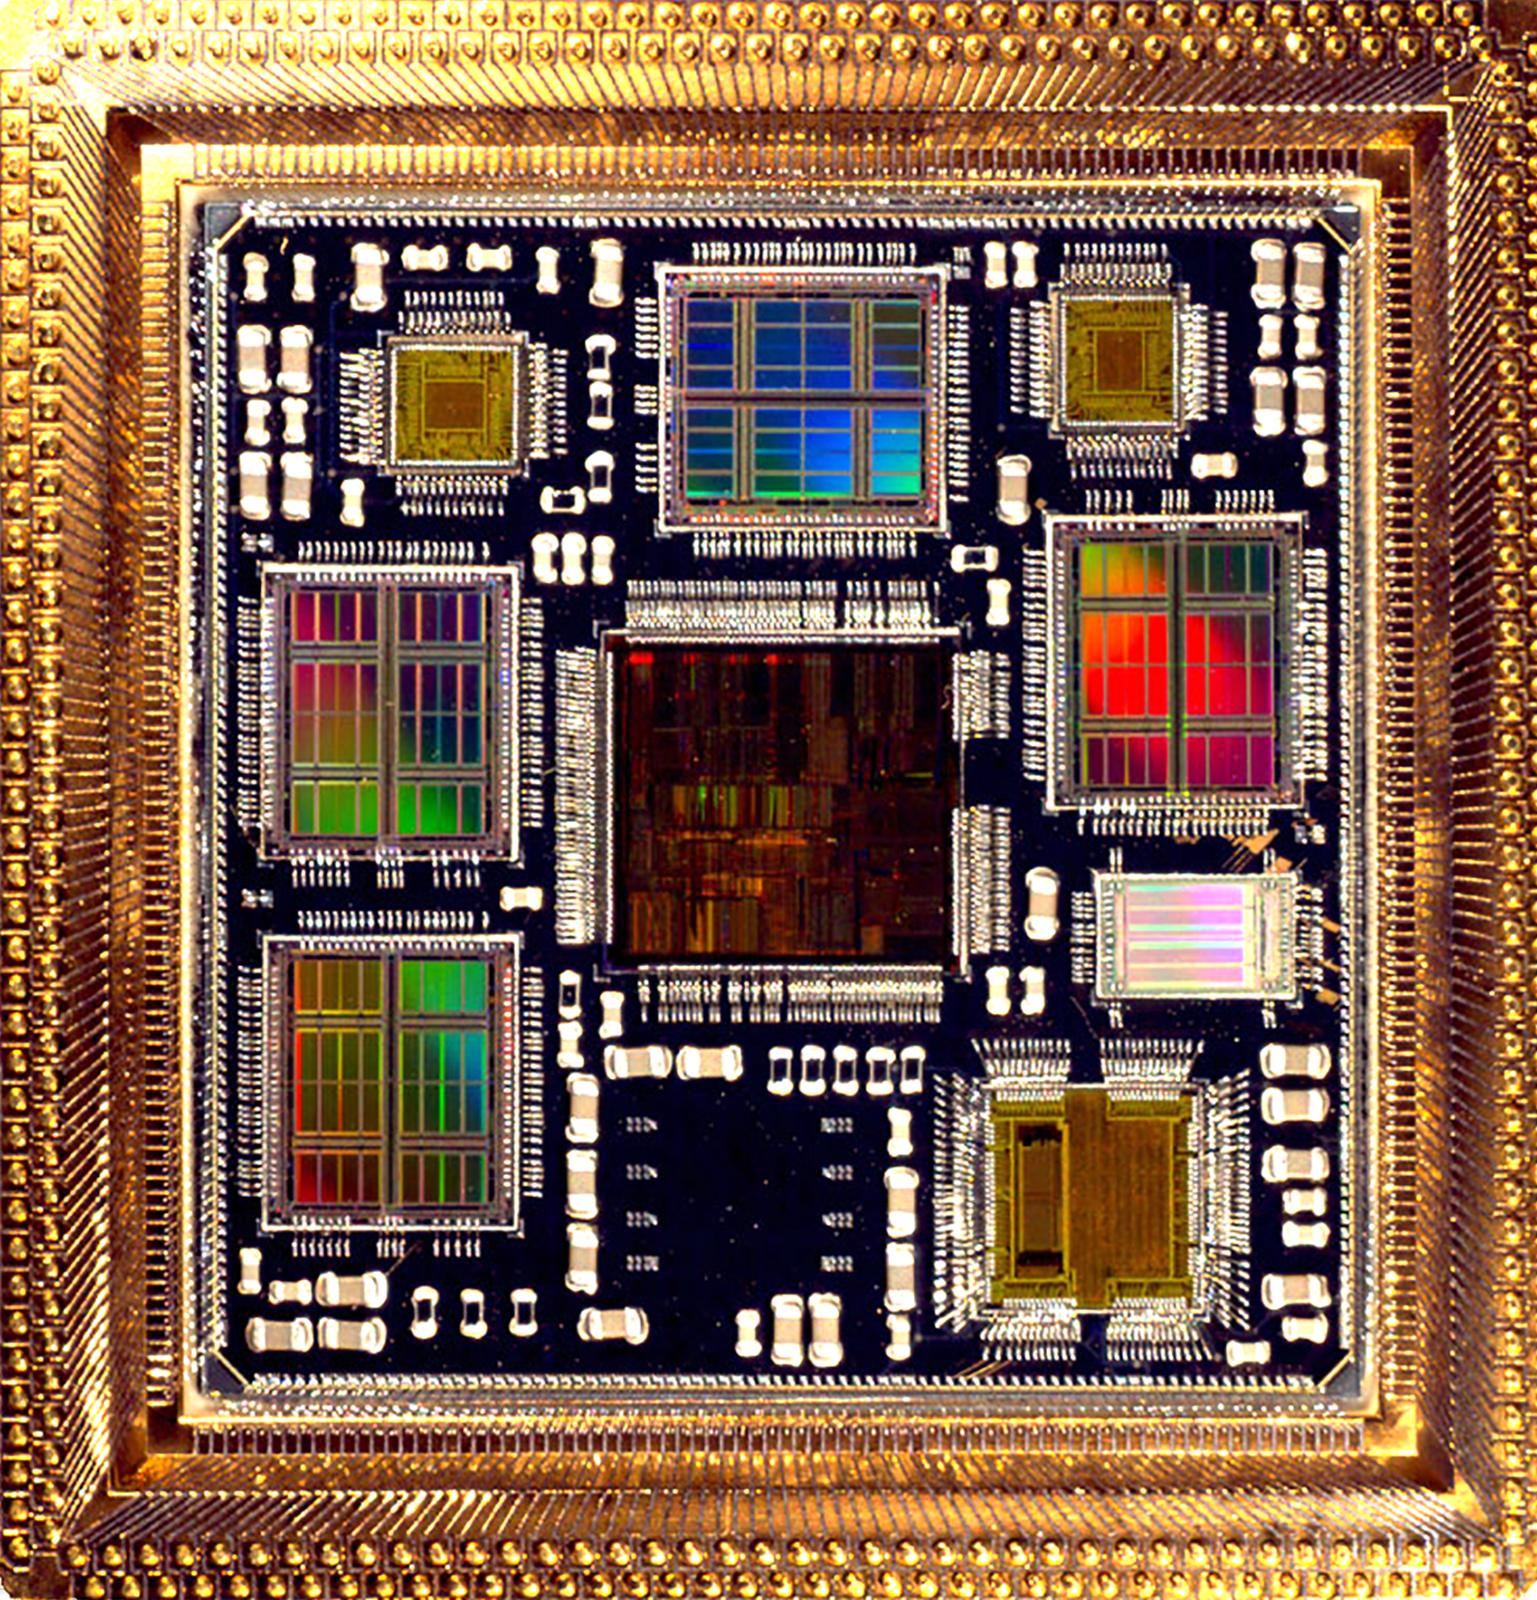 Europractice MCM - Pentium